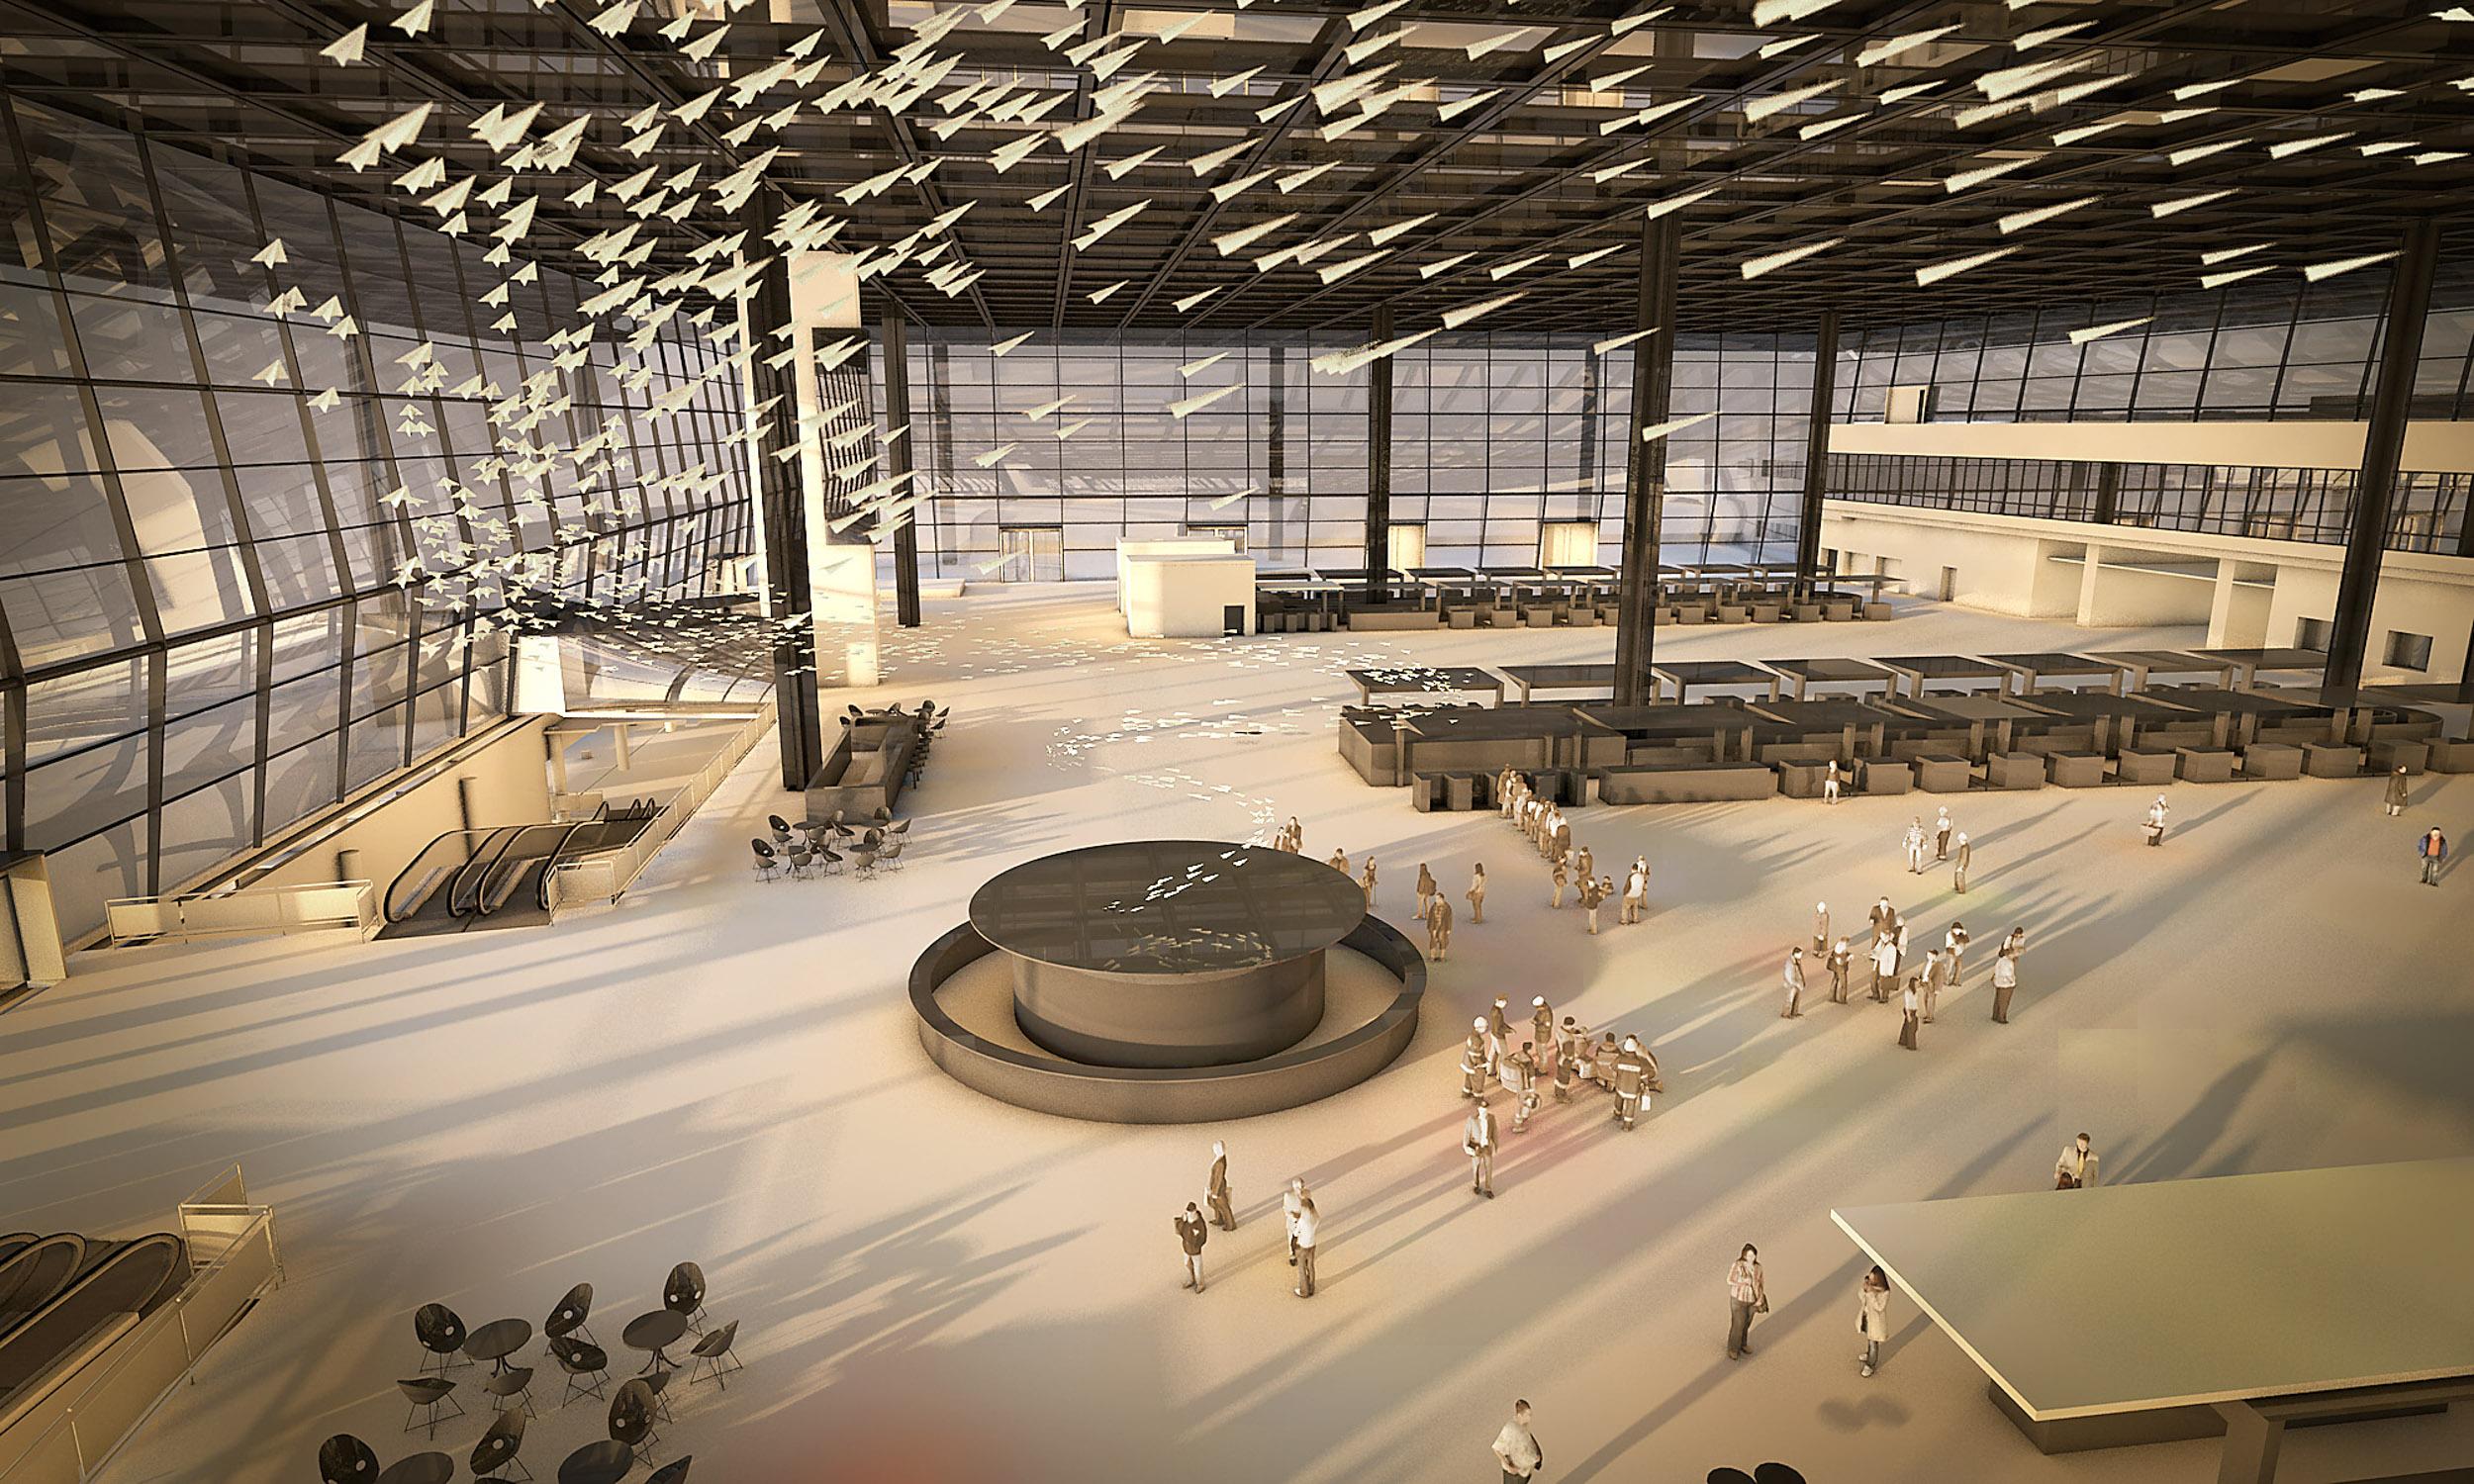 Entwurf-Flughafen-Terminal-Innenraum-Konzept-Gestaltung-Merchandise.jpg